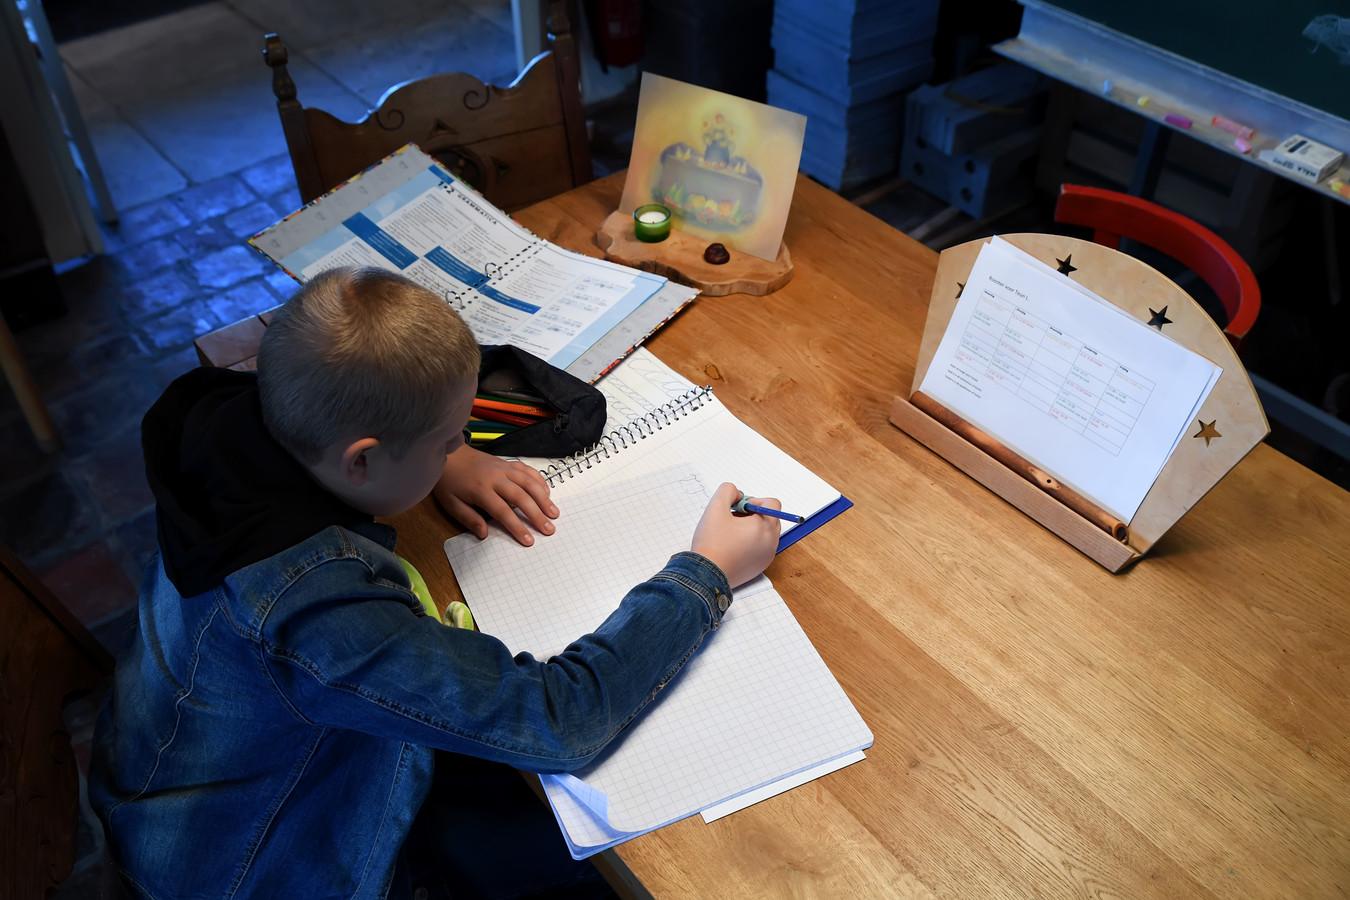 De 13-jarige Rob was een 'thuiszitter', maar volgt nu weer lessen, bij Kleinschalige Groene Zorg van Famke Meerhoff.